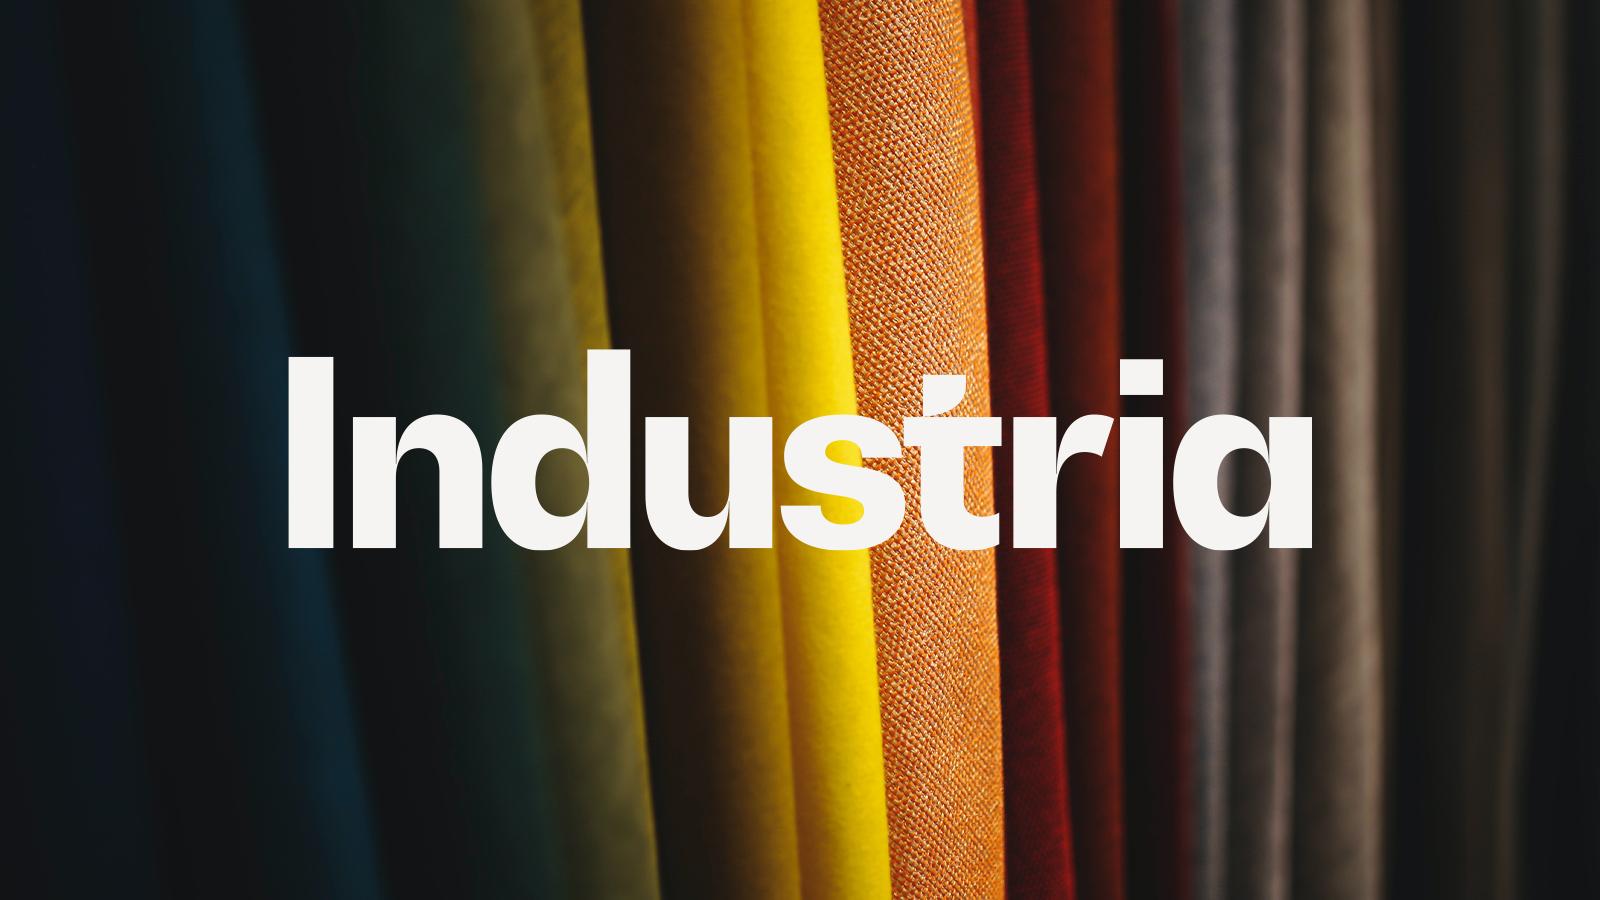 Industria Innovations